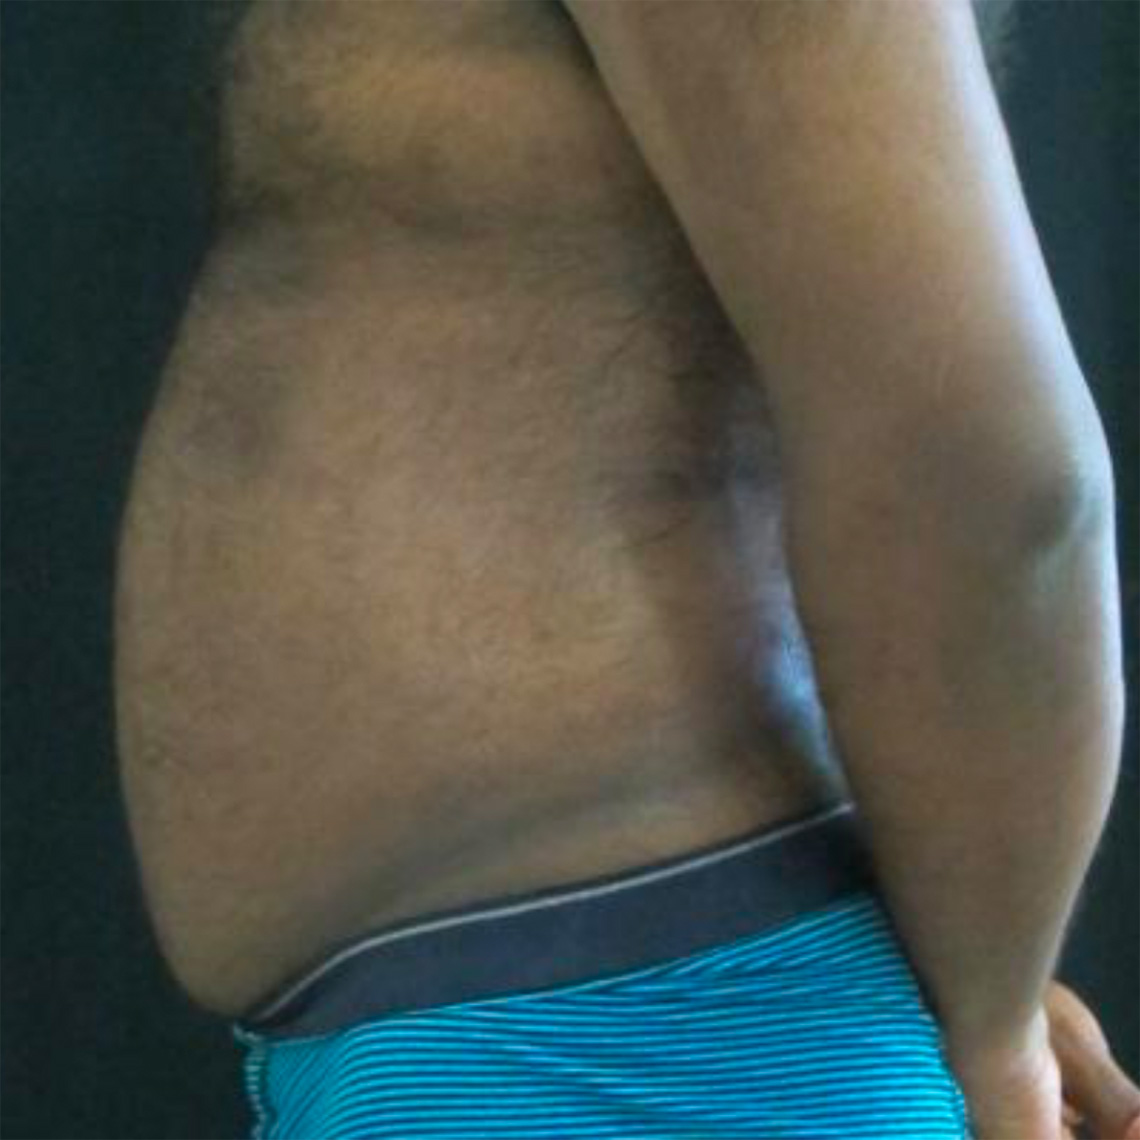 After-Männlich, 41 Jahre, 1 Behandlung, 8 Wochen später